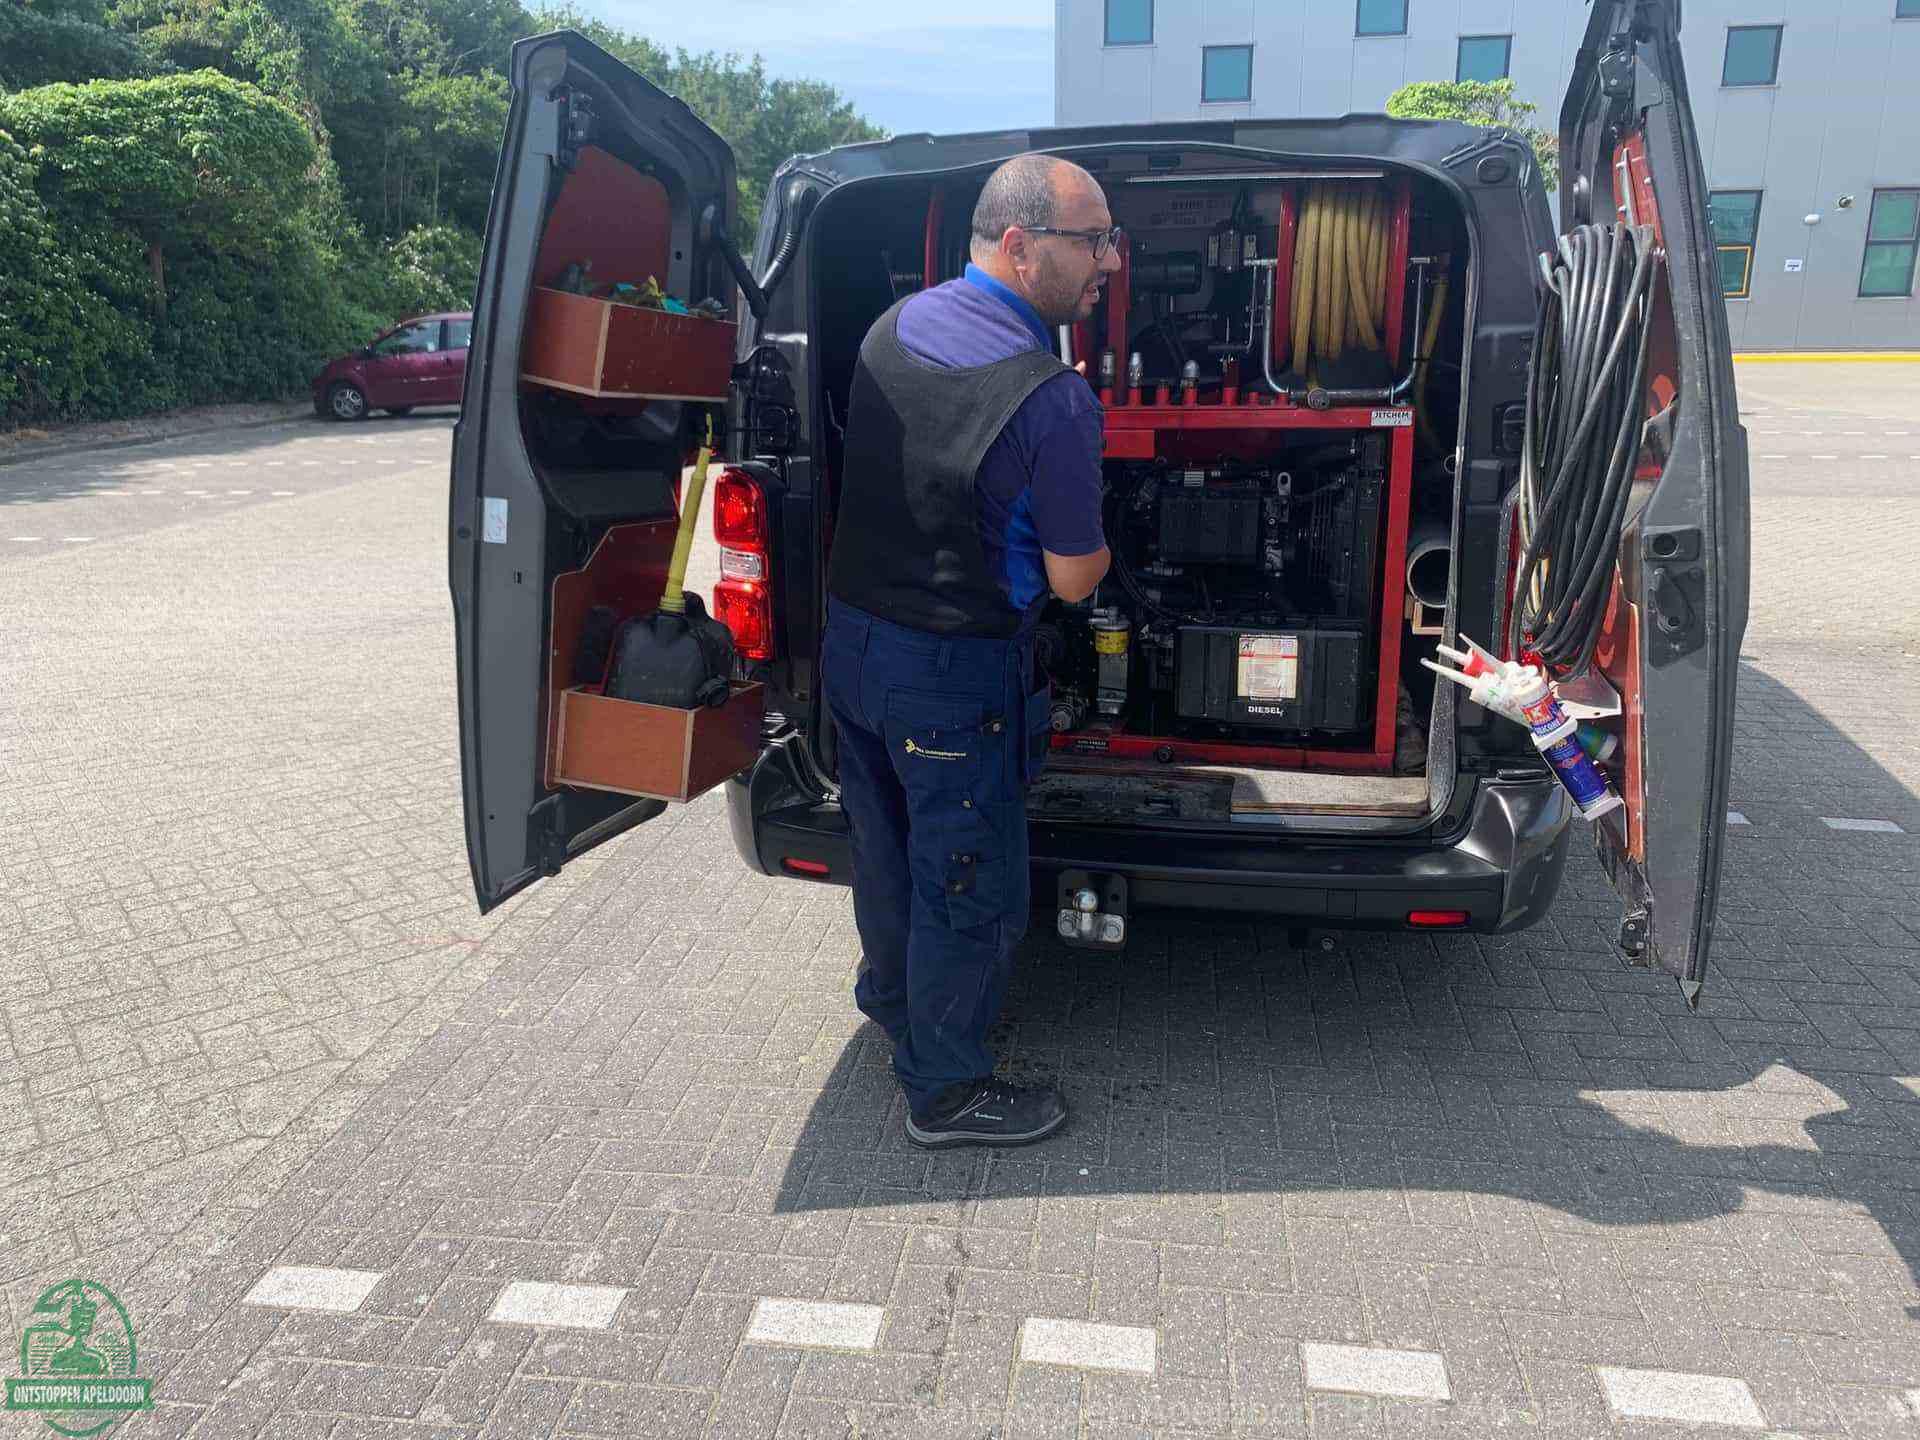 Loodgieter Apeldoorn Ontstopping